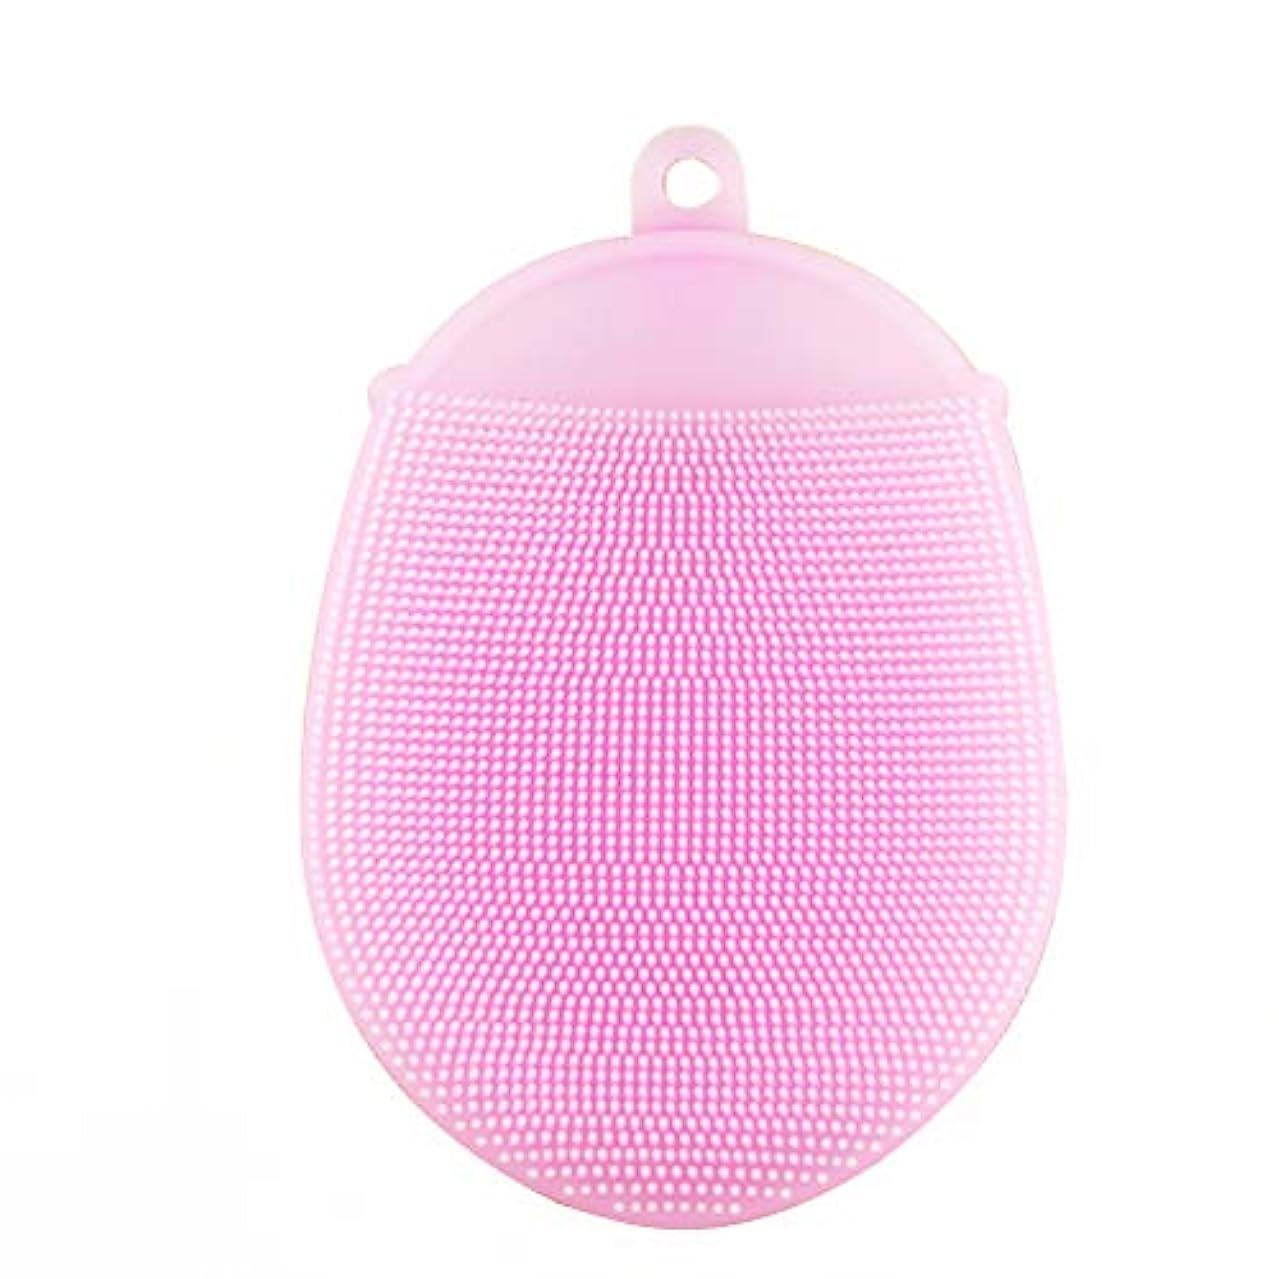 乱雑な限り親密なHealifty シリコン 入浴ブラシ 抗菌 シャワースクラバー 洗顔パッド 2本入 (ピンク)